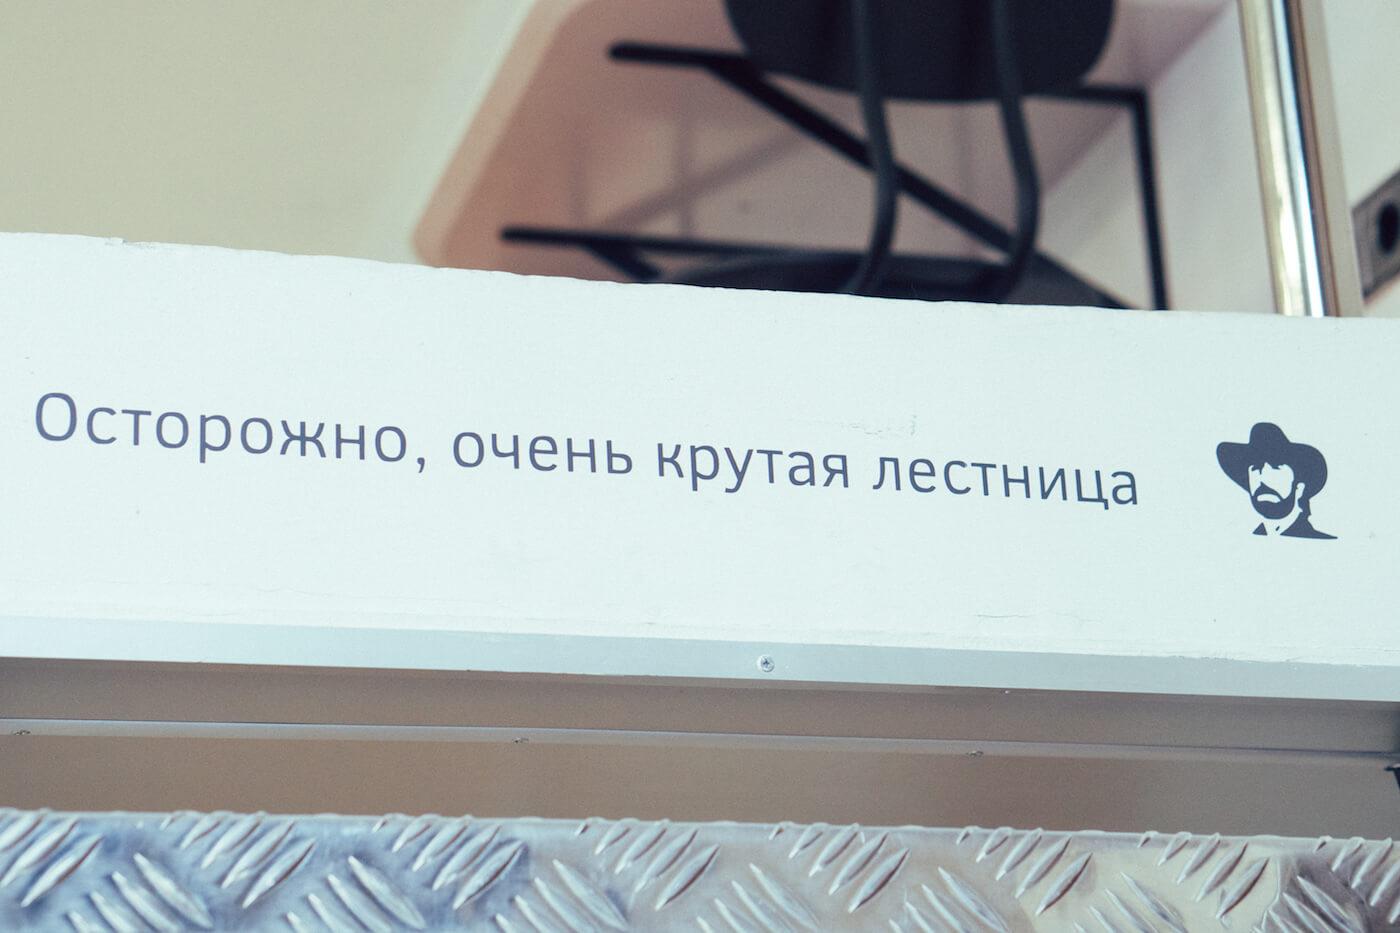 Большая фотоэкскурсия по новой площадке московского коворкинга #tceh - 7